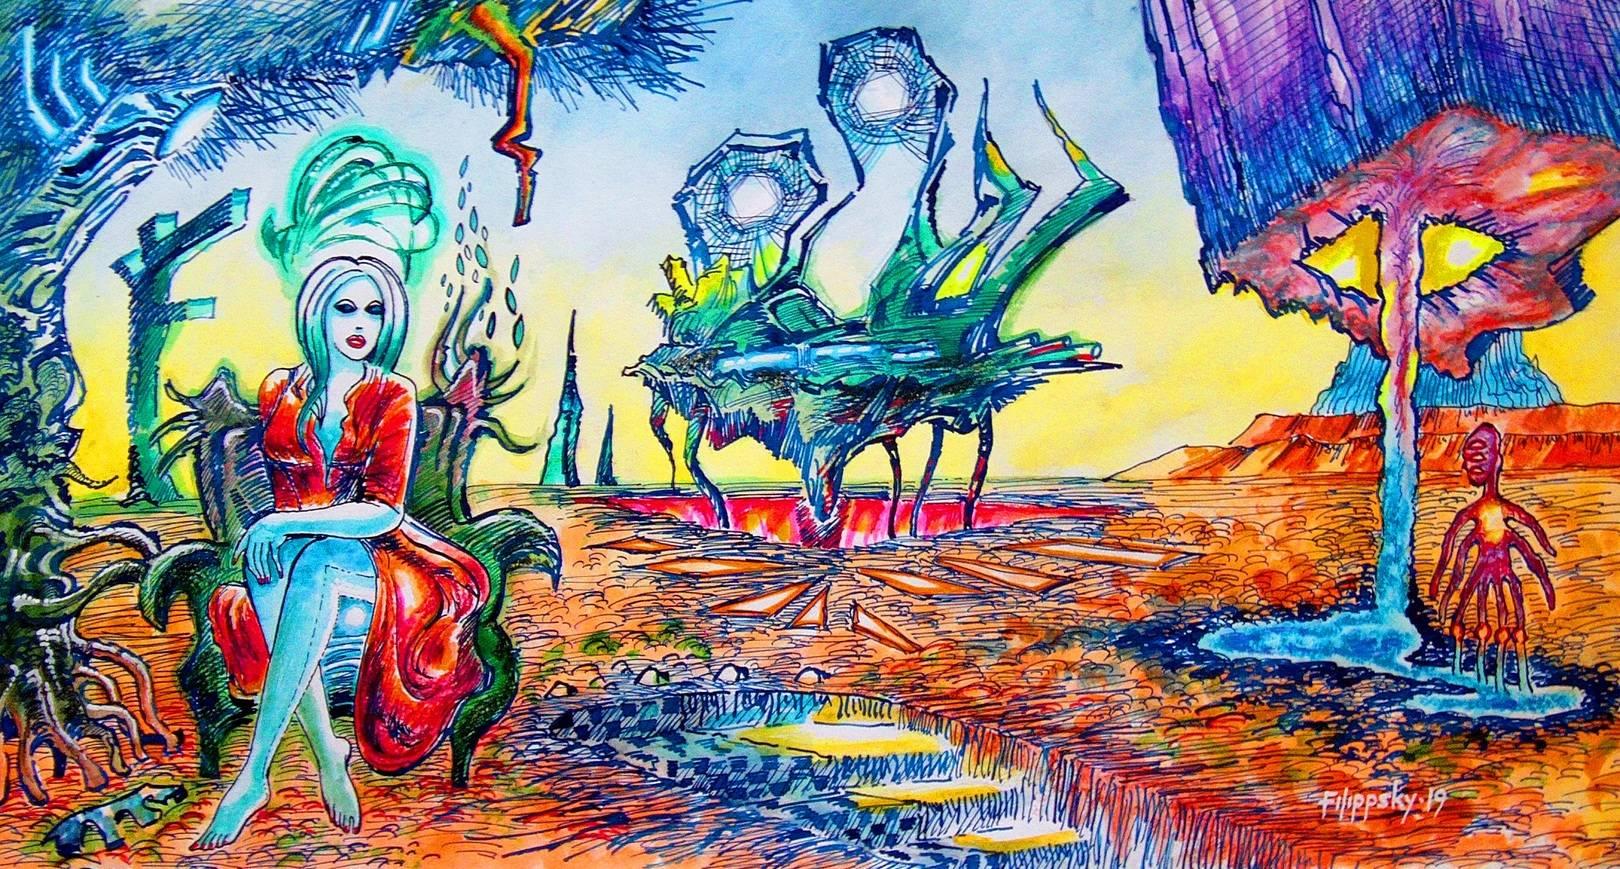 Метафизический пейзаж с пришельцами.